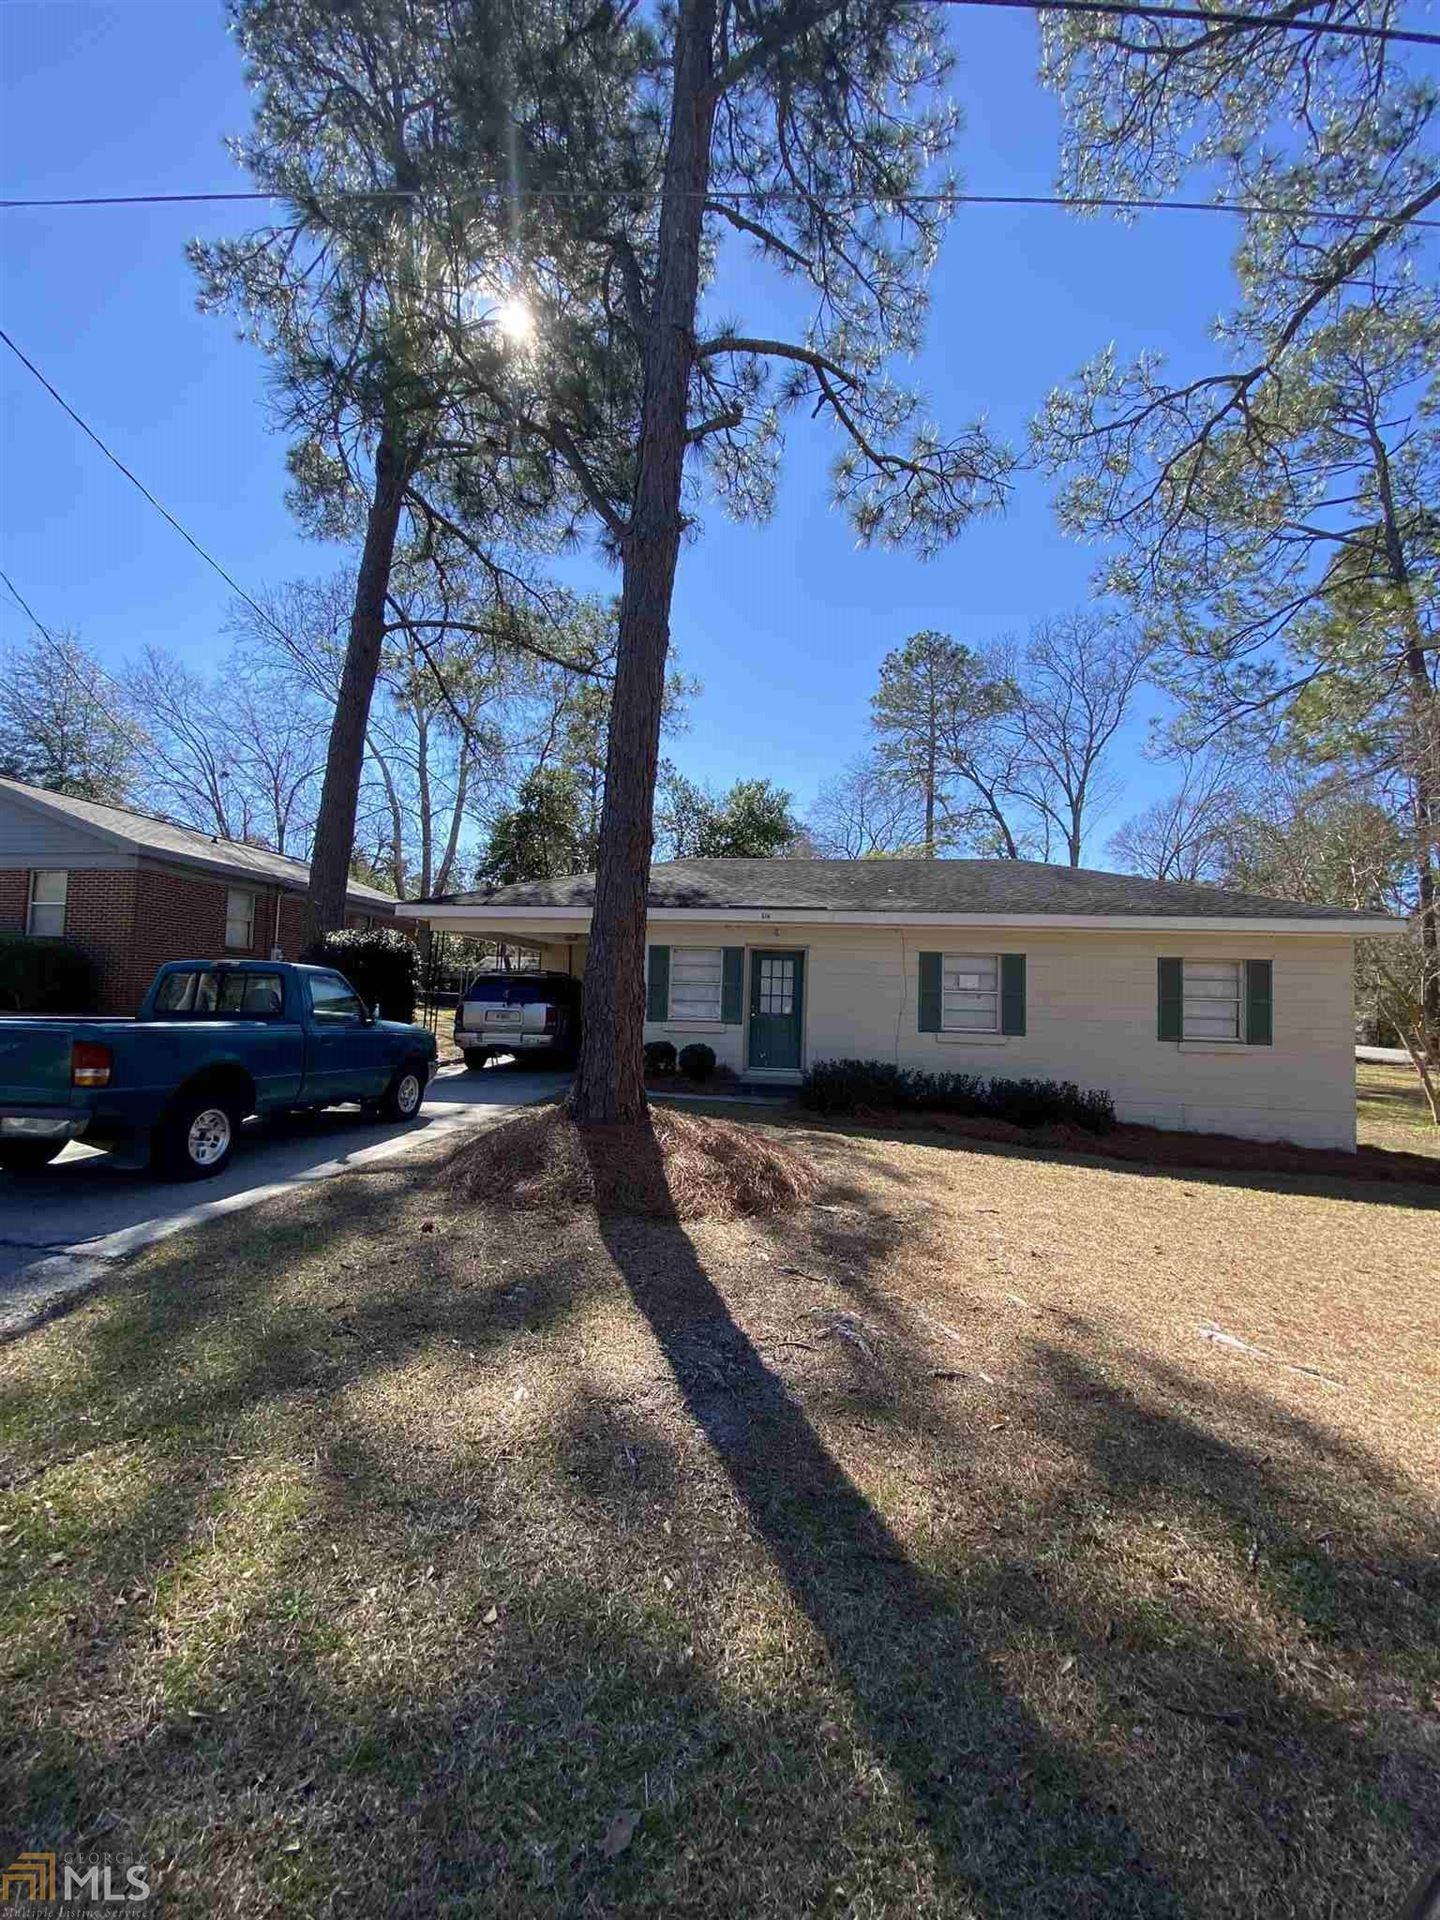 214 Ridgewood Dr, Statesboro, GA 30458 - #: 8934455